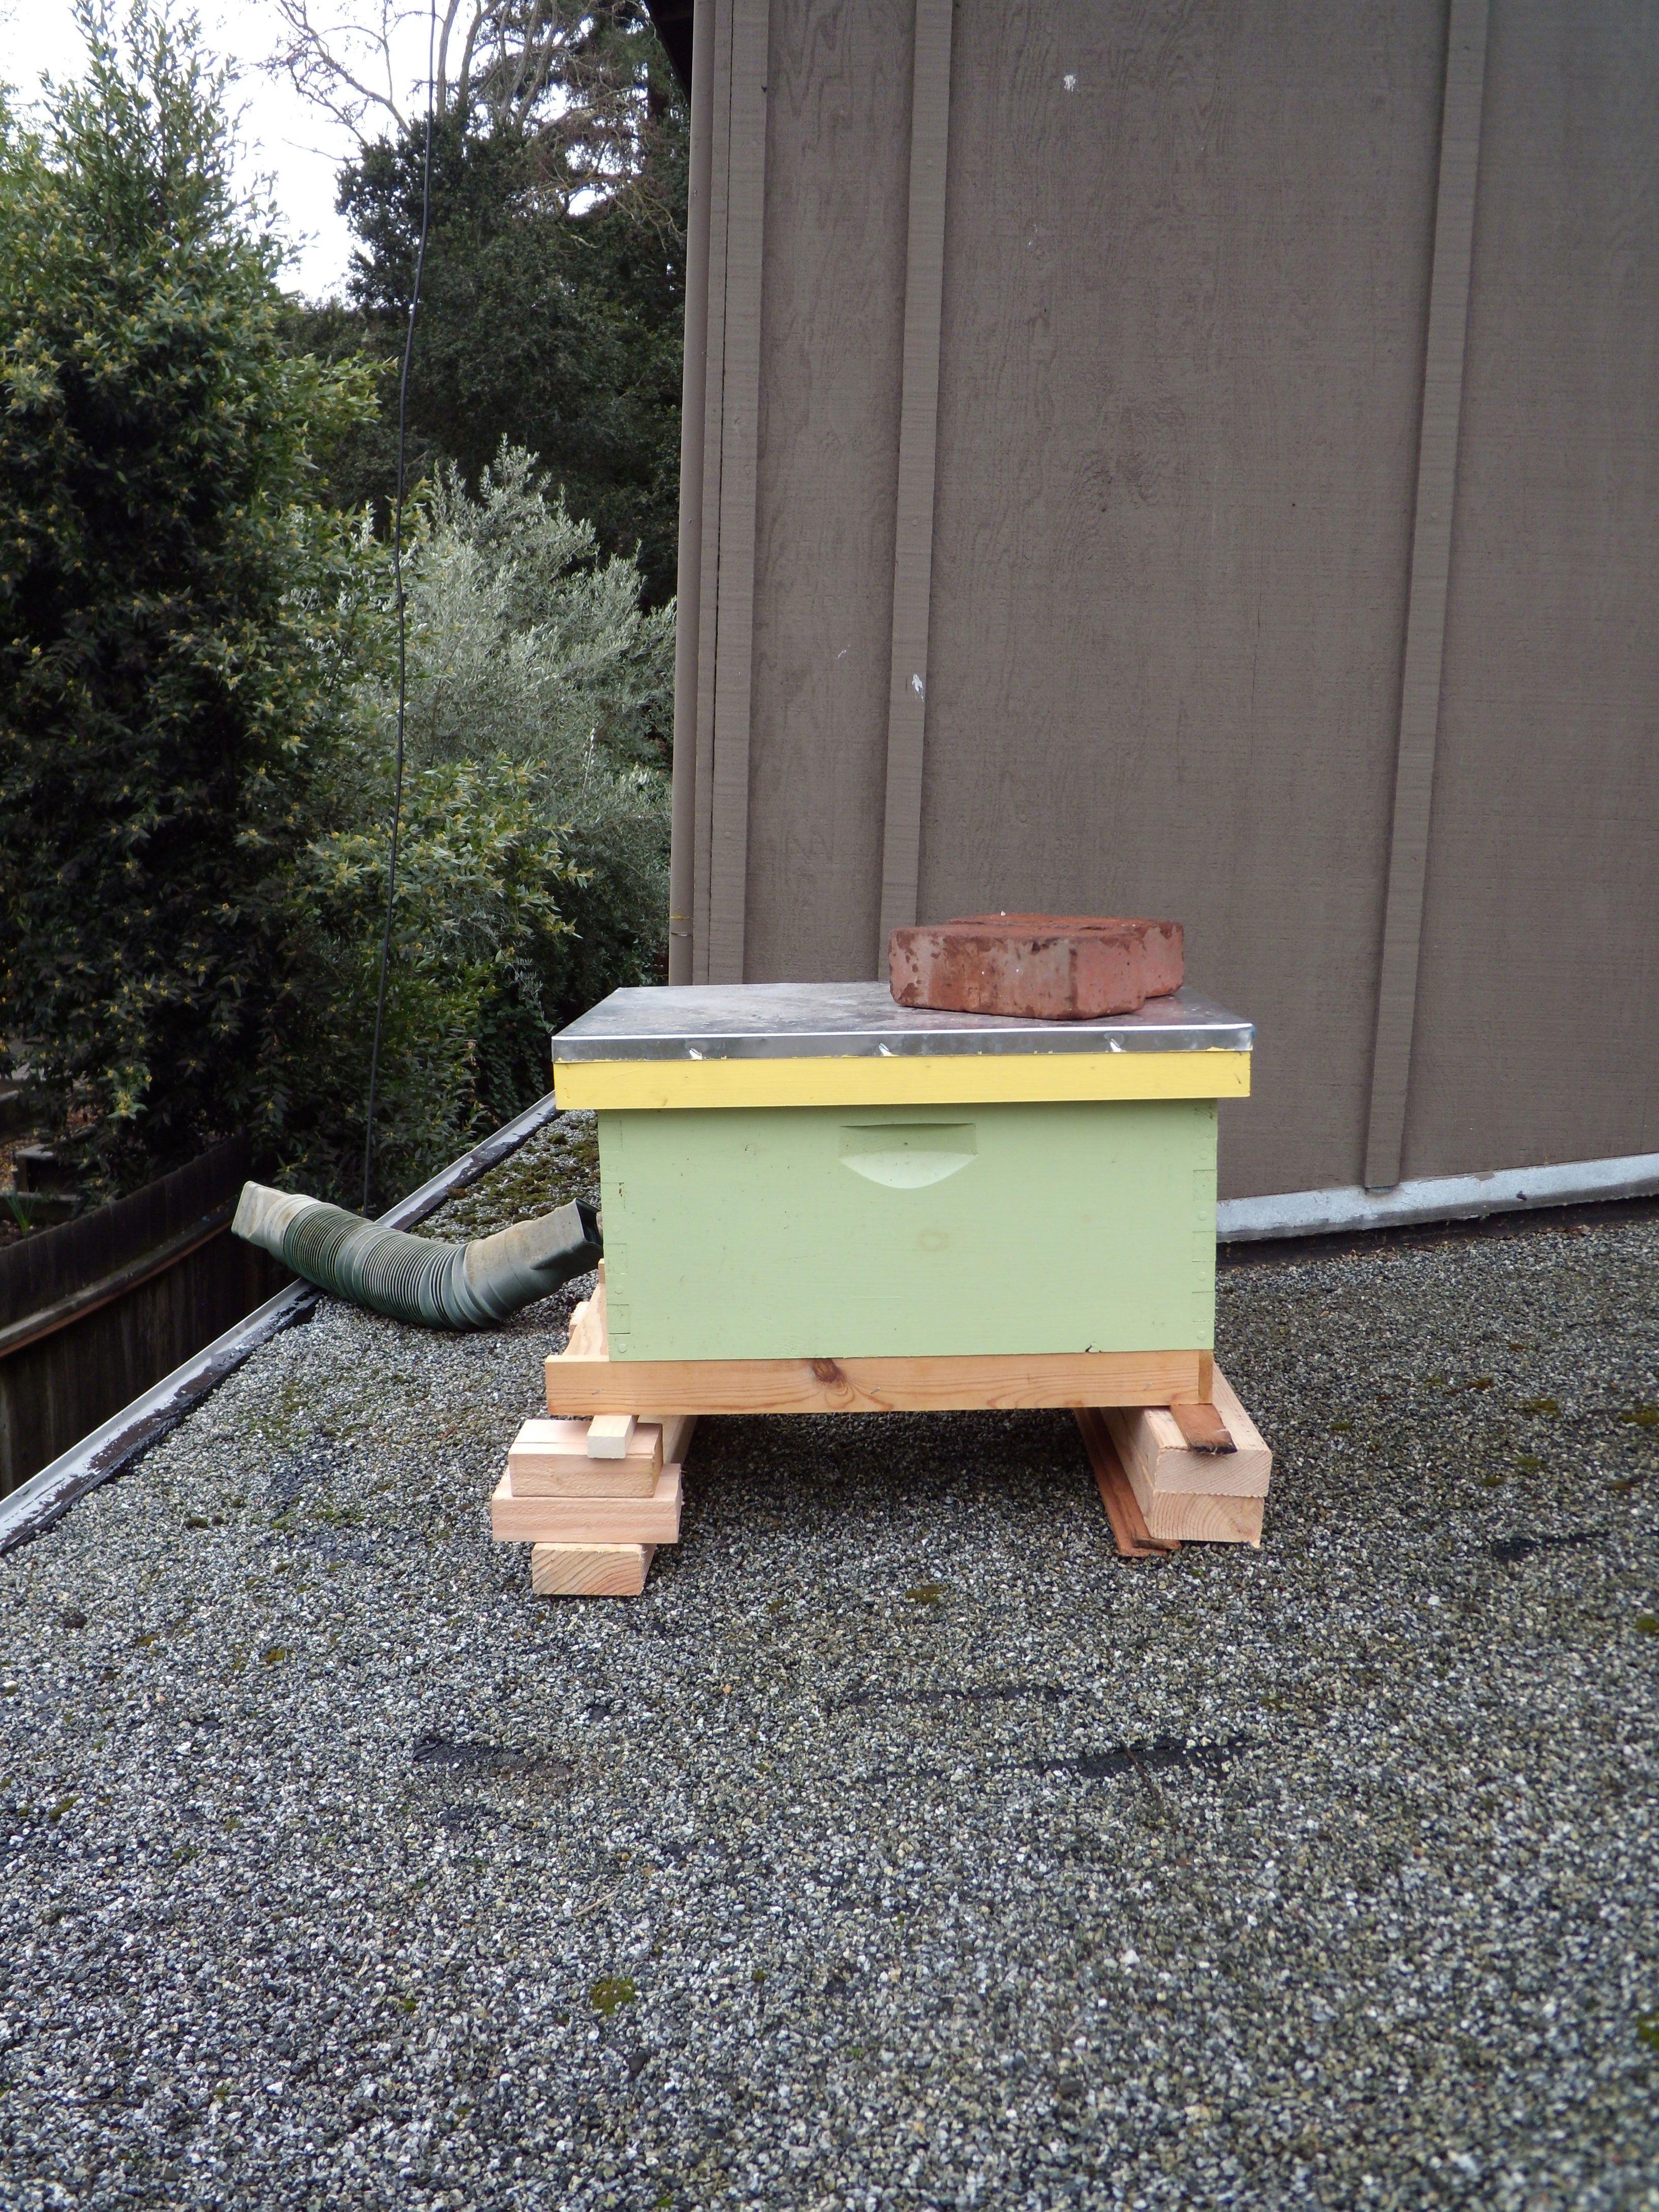 Rooftop Beekeeping Overall Gardener